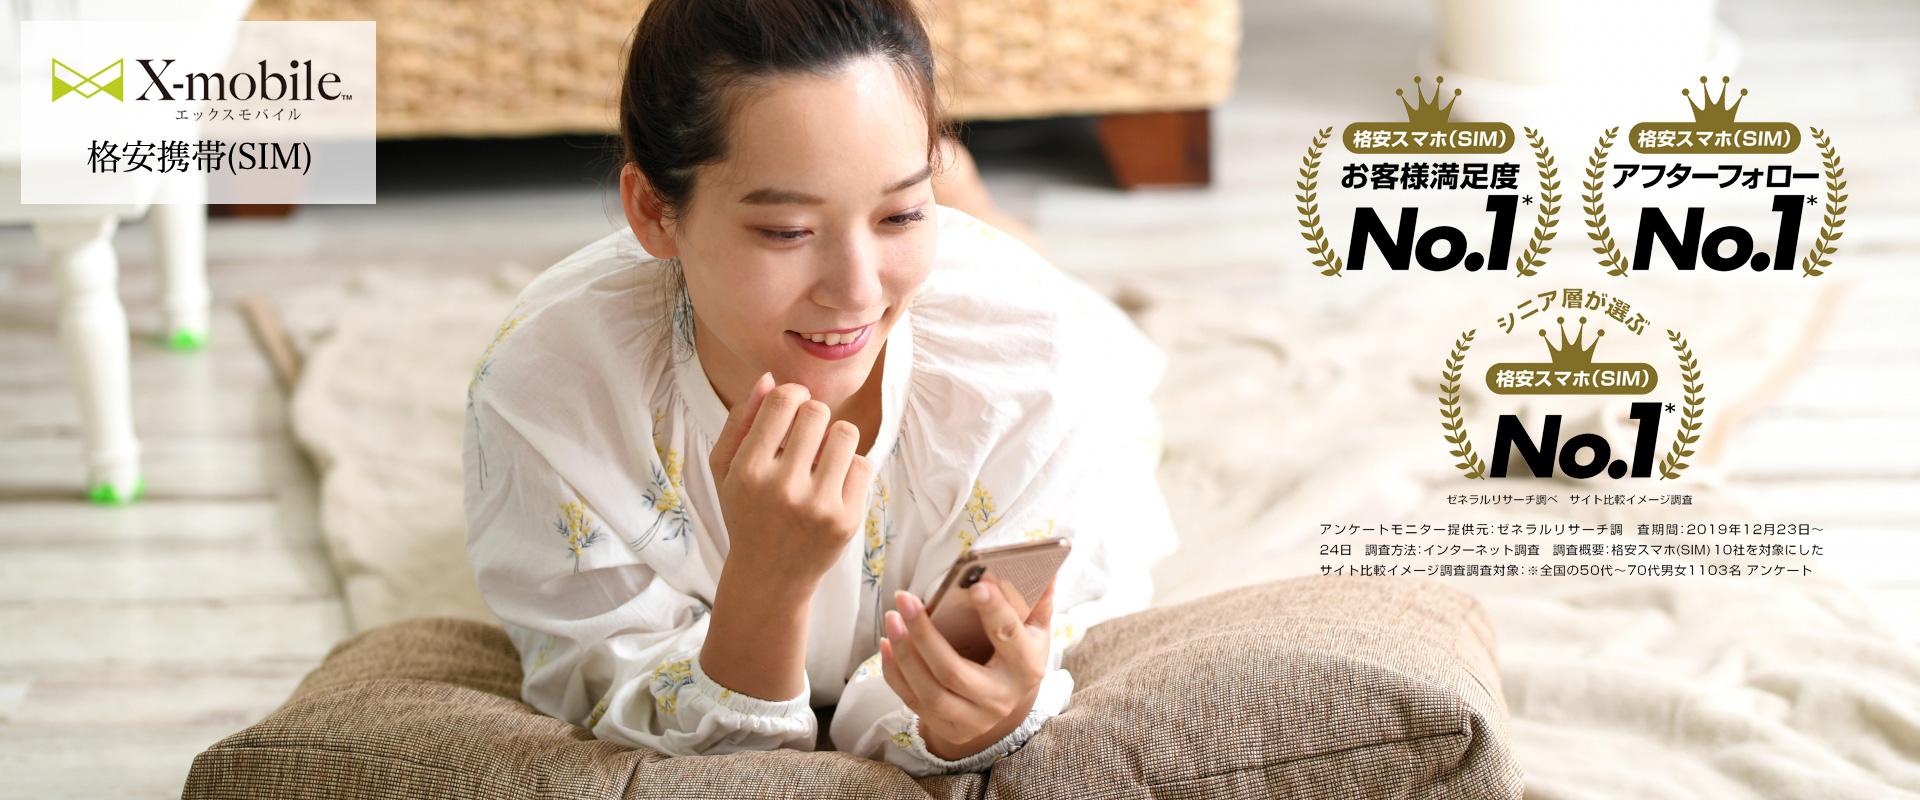 エックスモバイル 格安携帯(SIM)No.1 イメージ画像